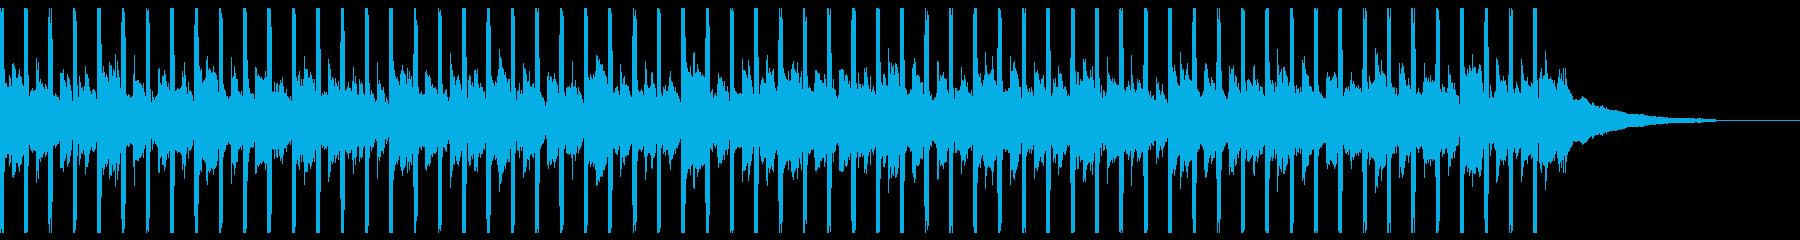 テクノロジー株式会社(30秒)の再生済みの波形